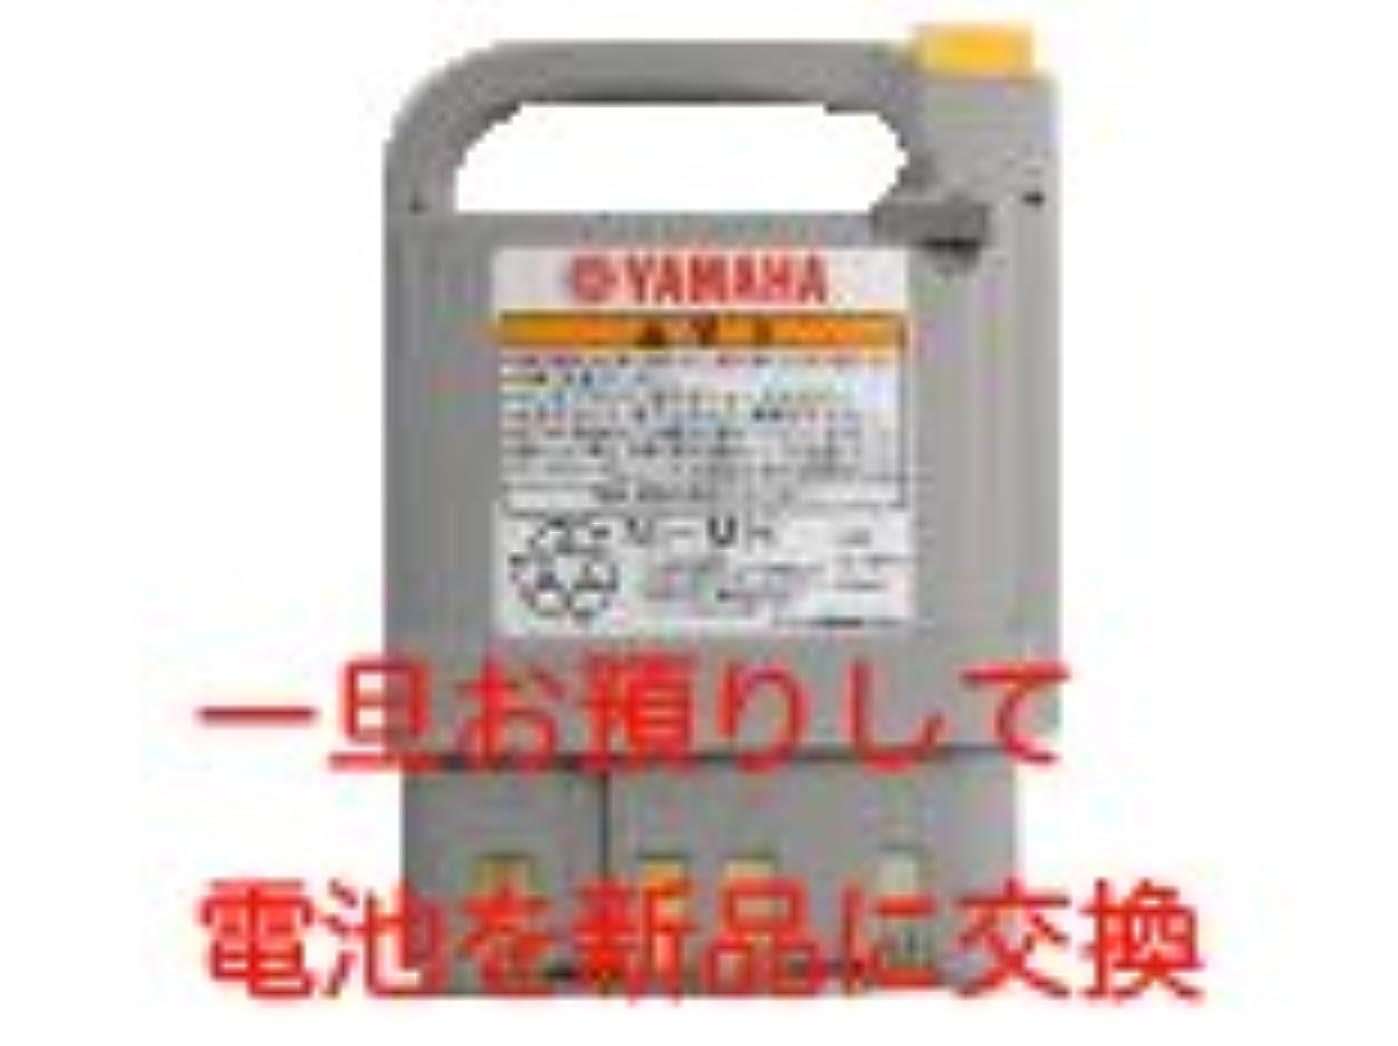 食物ダム極端なヤマハ電動自転車(車いす NI-CD) 預りバッテリーパック電池交換